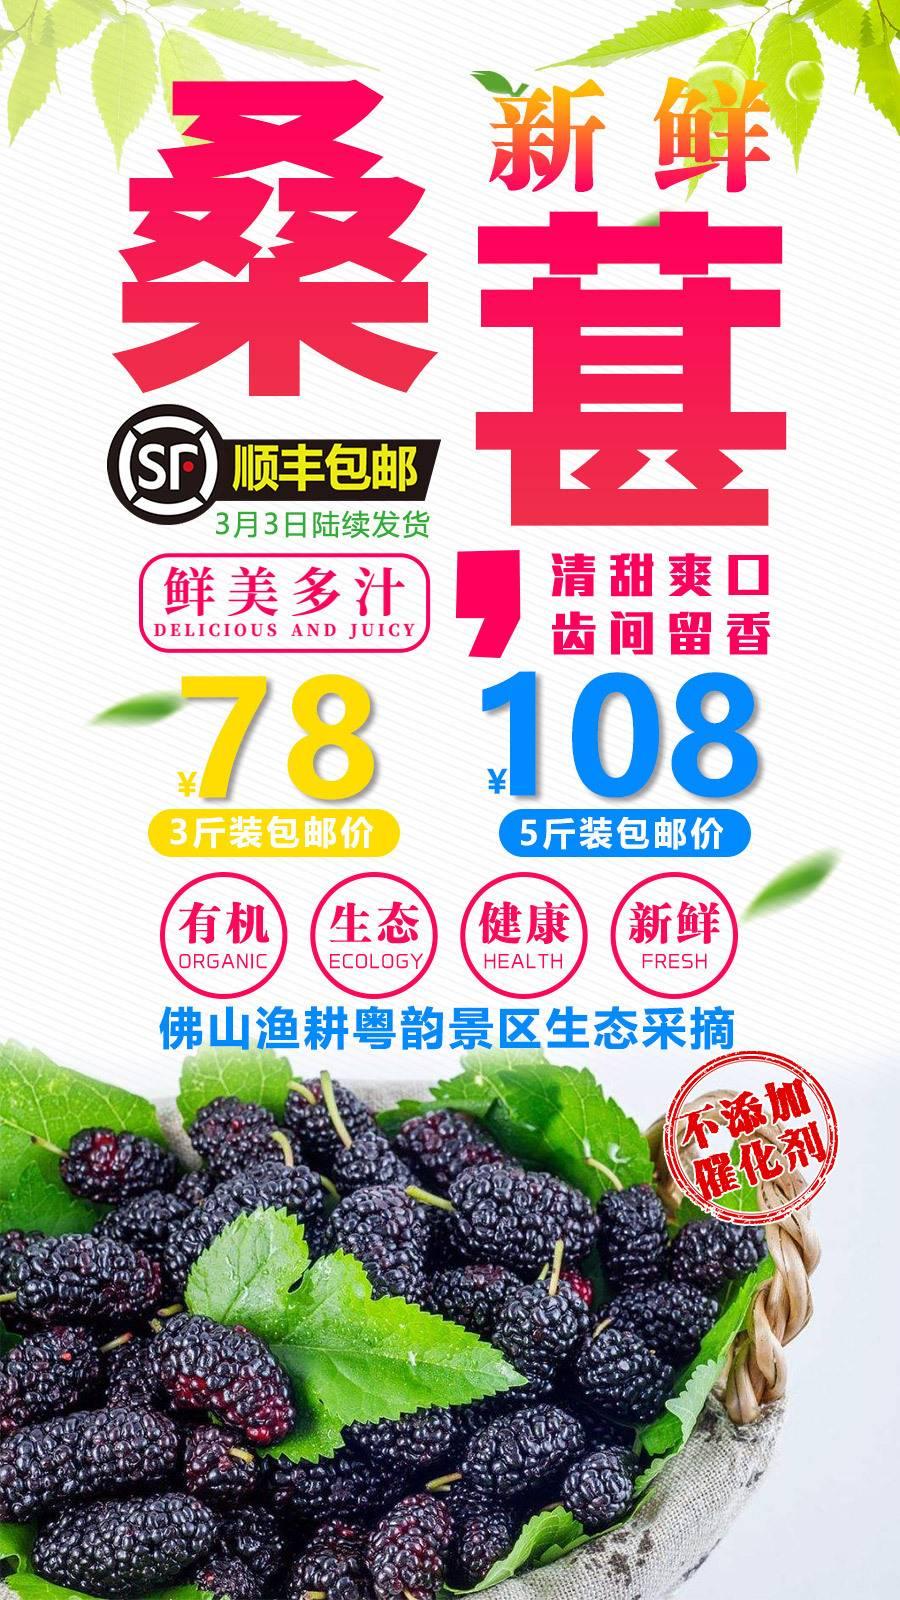 【桑葚上市啦】78元3斤,广东8市顺丰包邮!不打药无催化,现摘当天发货,新鲜桑果到家!